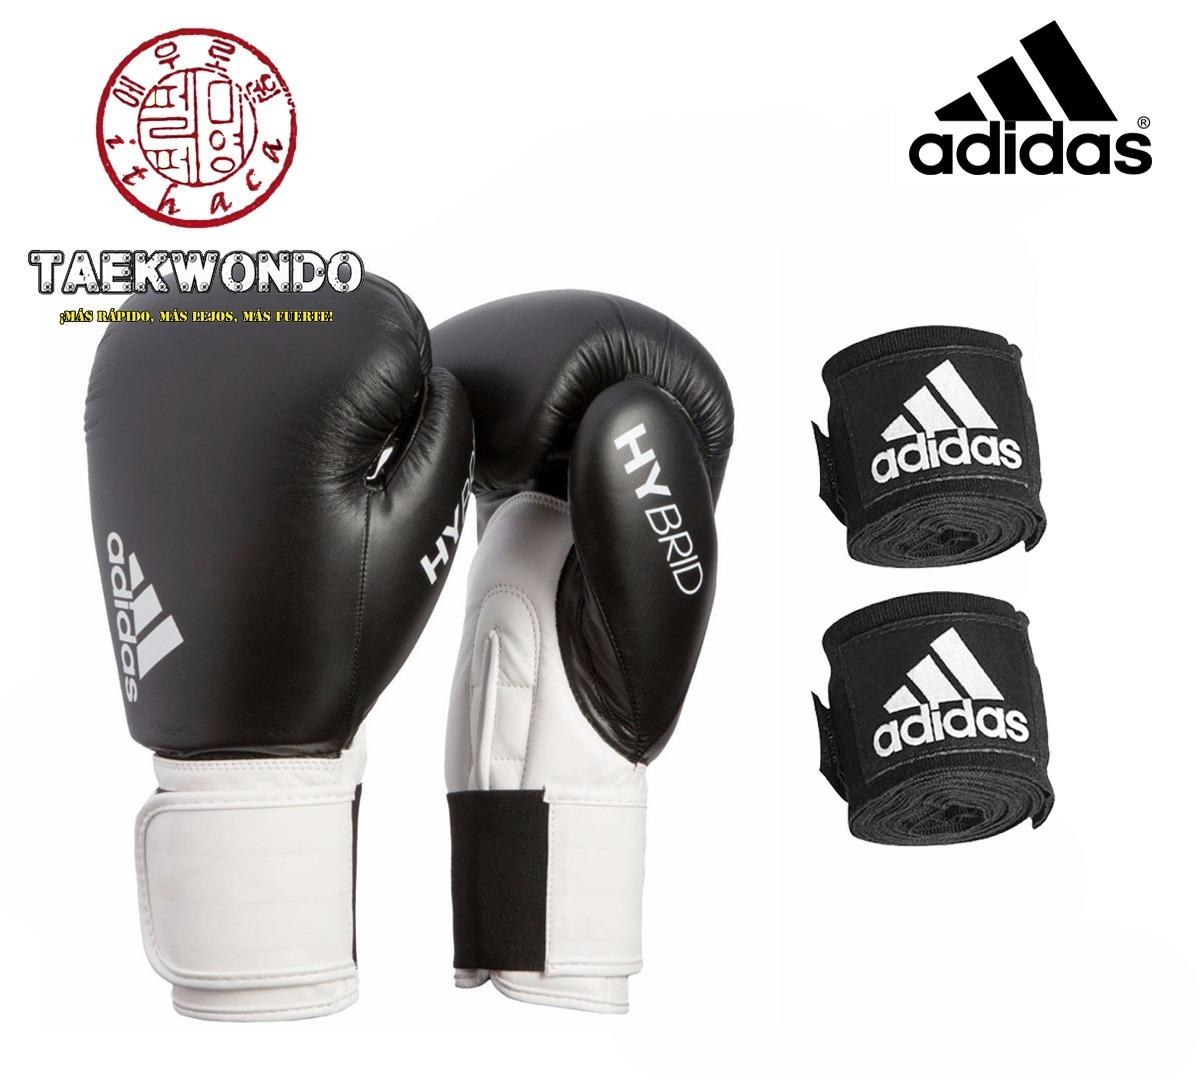 bce5e8749c1 paquete box adidas - guantes hybrid 100 + vendas 350 adidas. Cargando zoom.